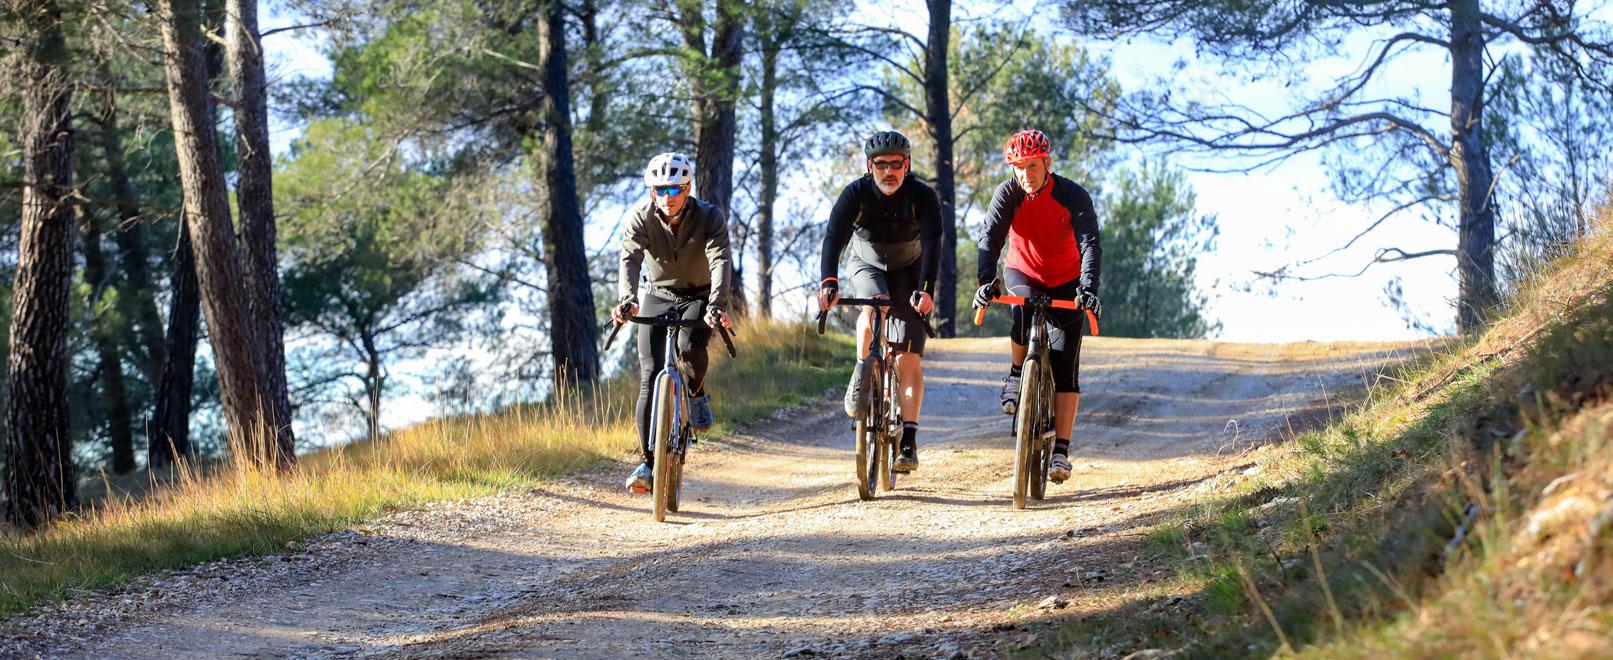 Gravel-Biken: Fahren Sie unbeschwert © Hocquel